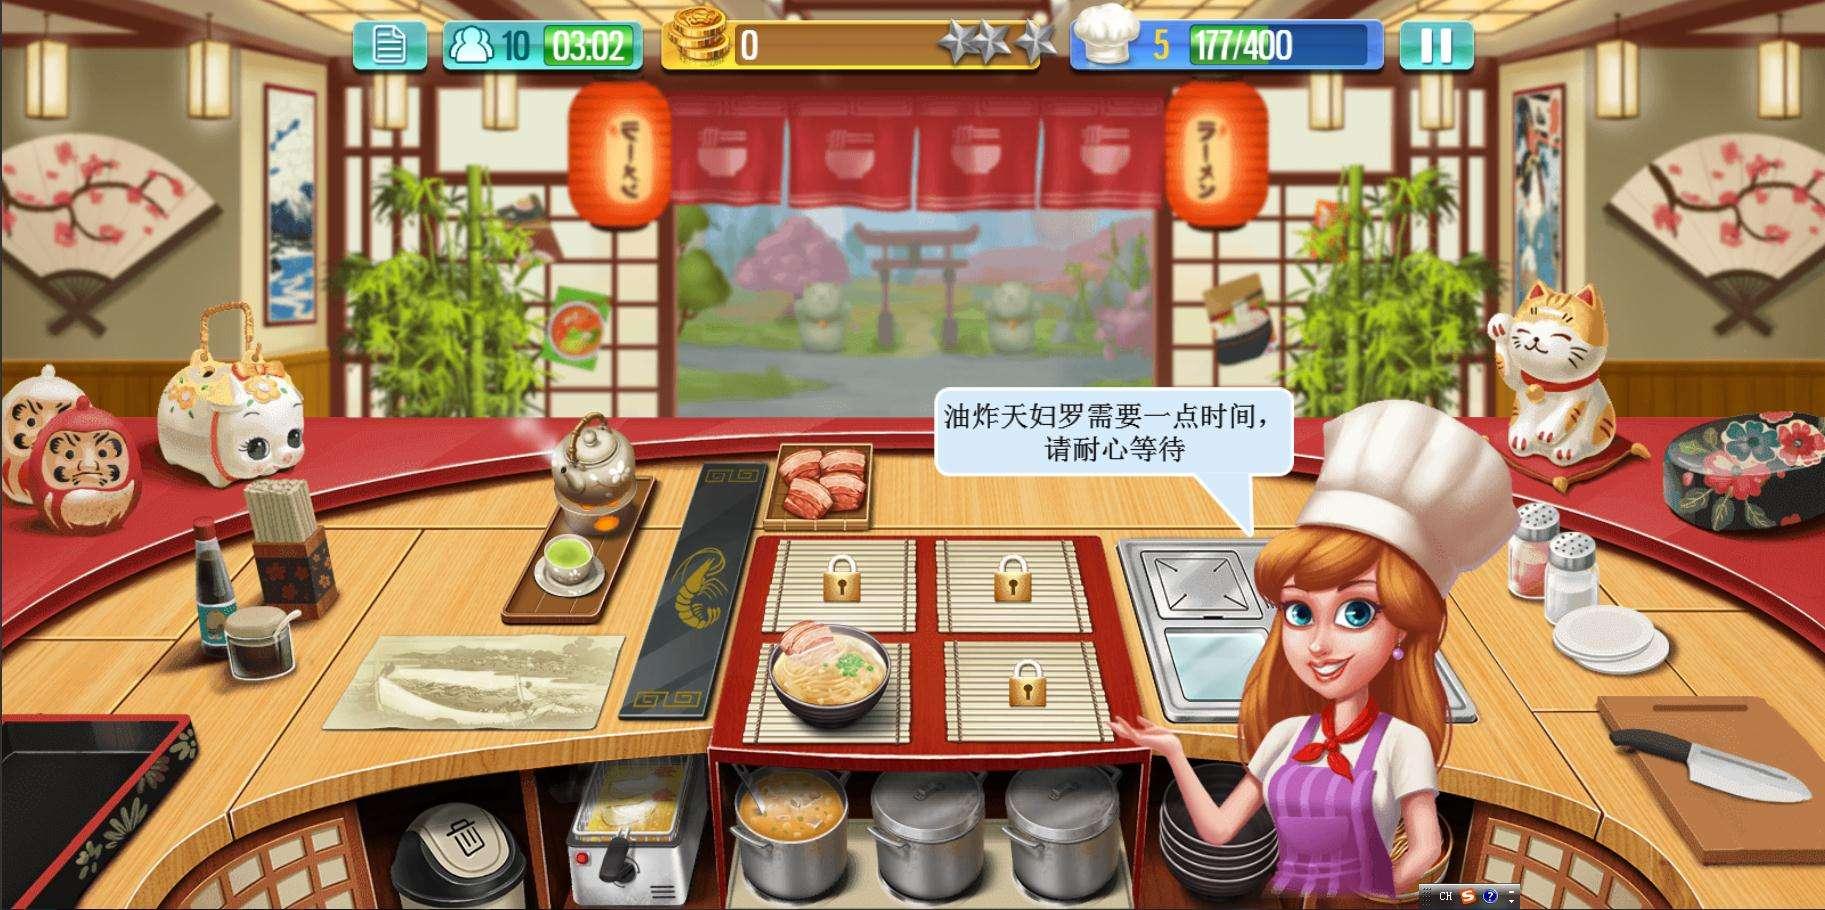 模拟经营餐厅的游戏